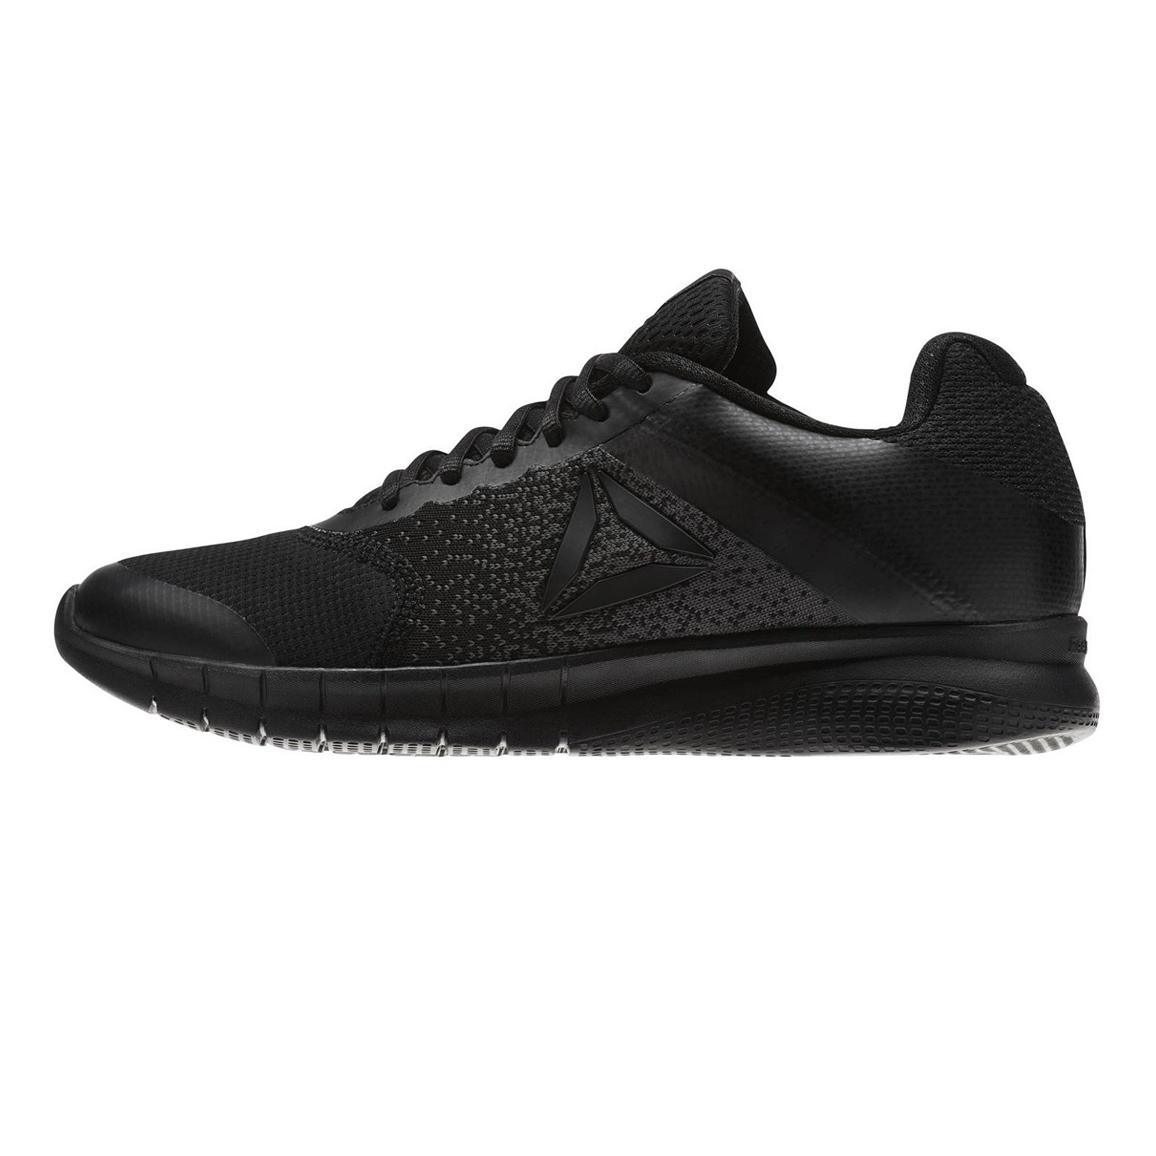 قیمت کفش مخصوص دویدن مردانه ریباک مدل Instalite Run